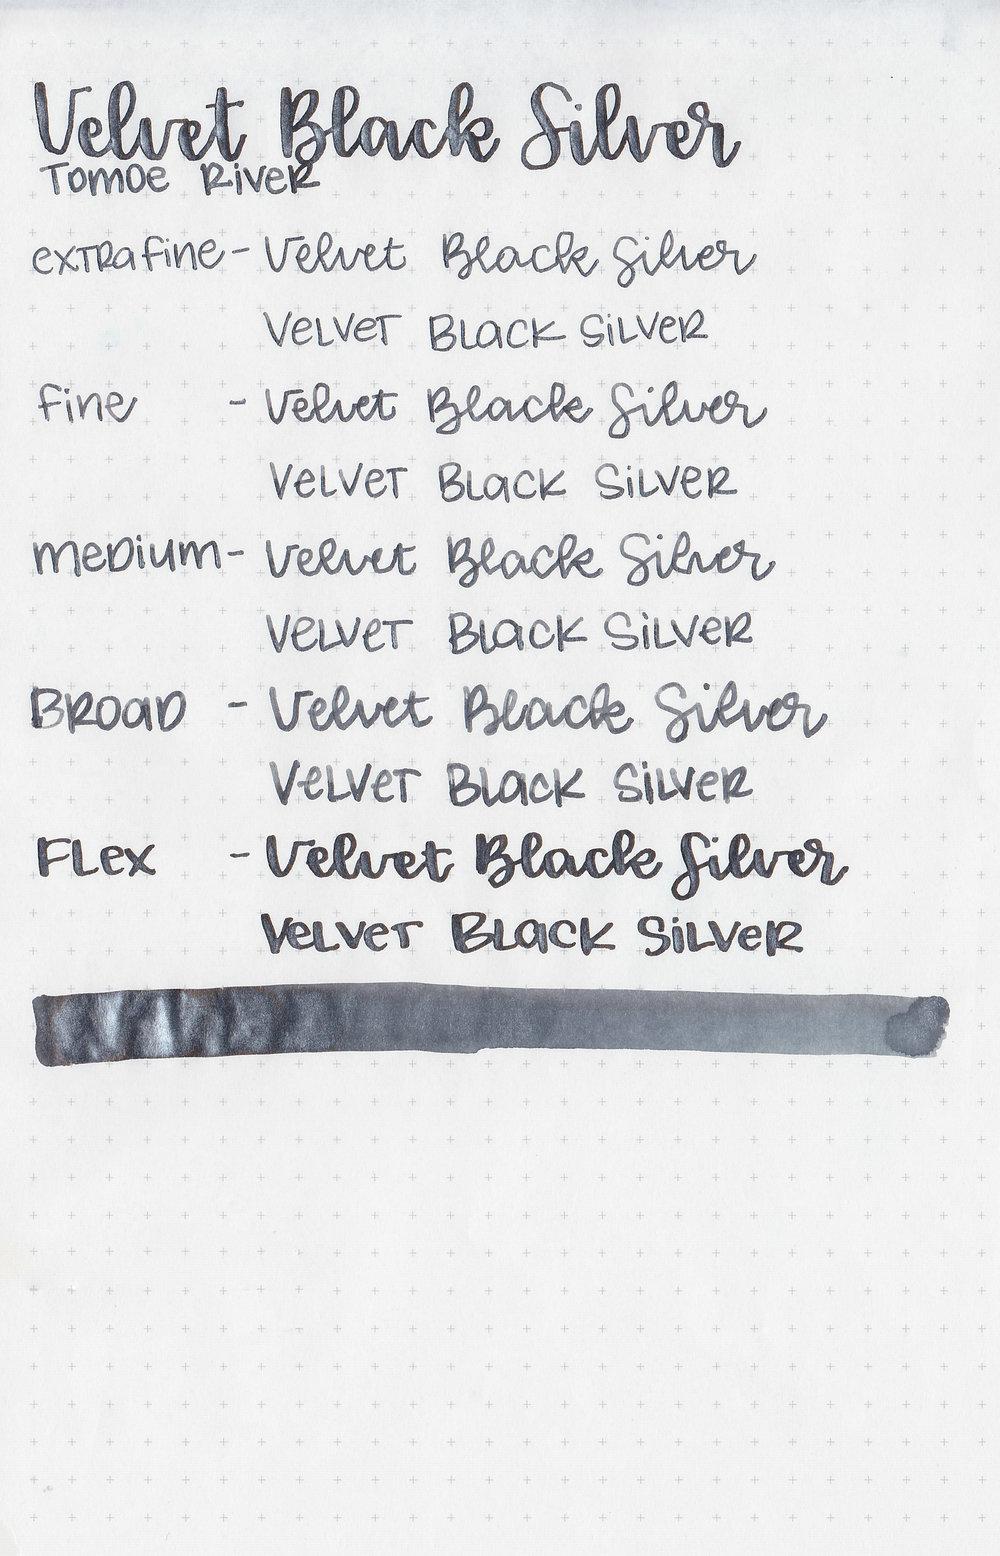 da-velvet-black-11.jpg